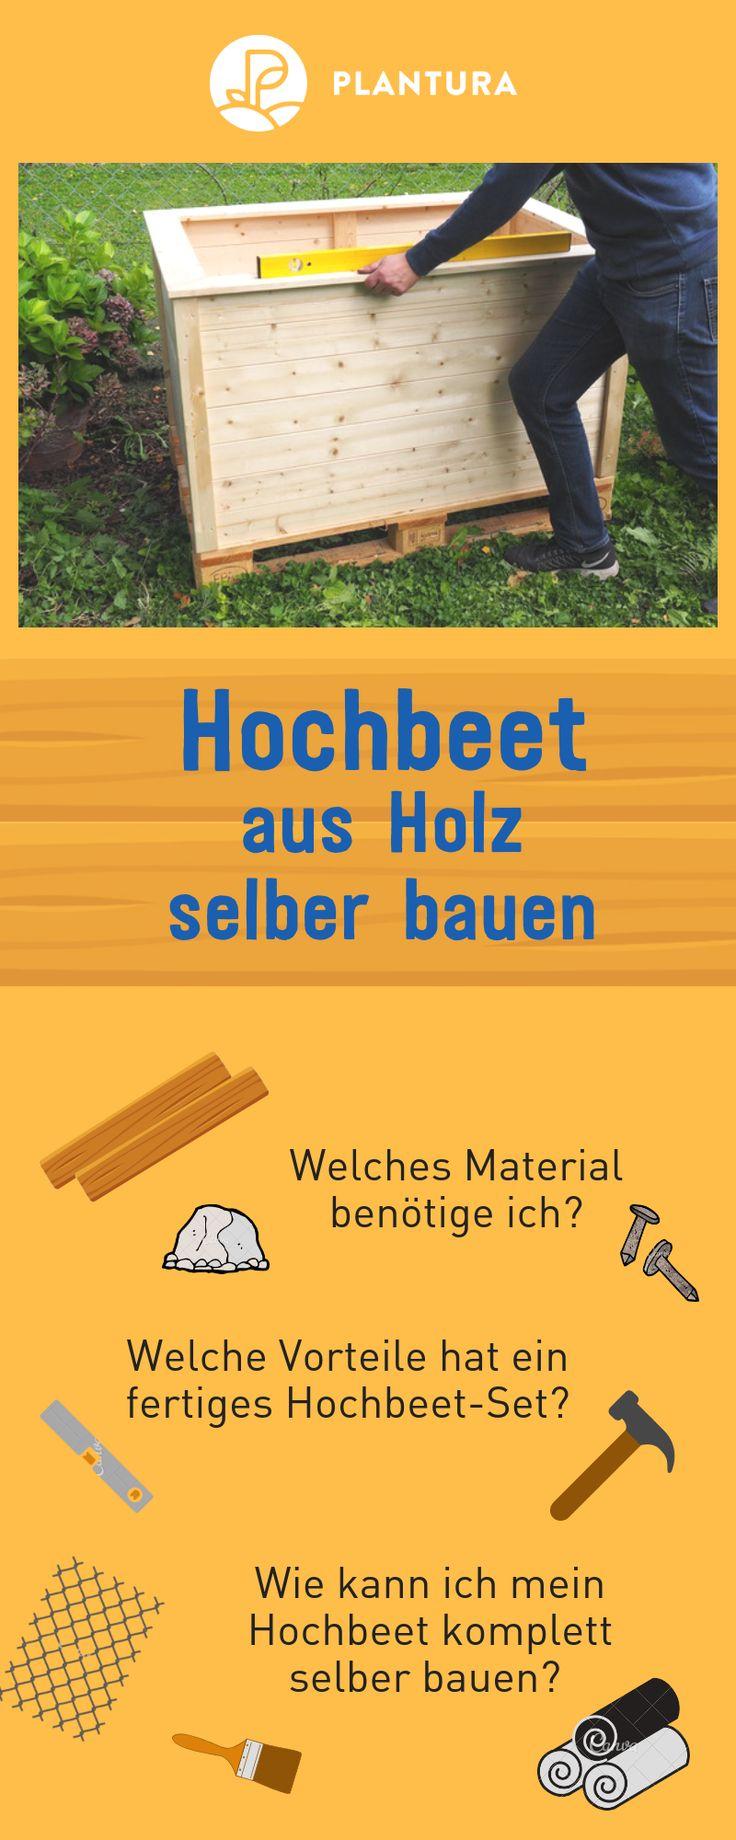 Hochbeet bauen: Anleitung zum selber bauen & Video